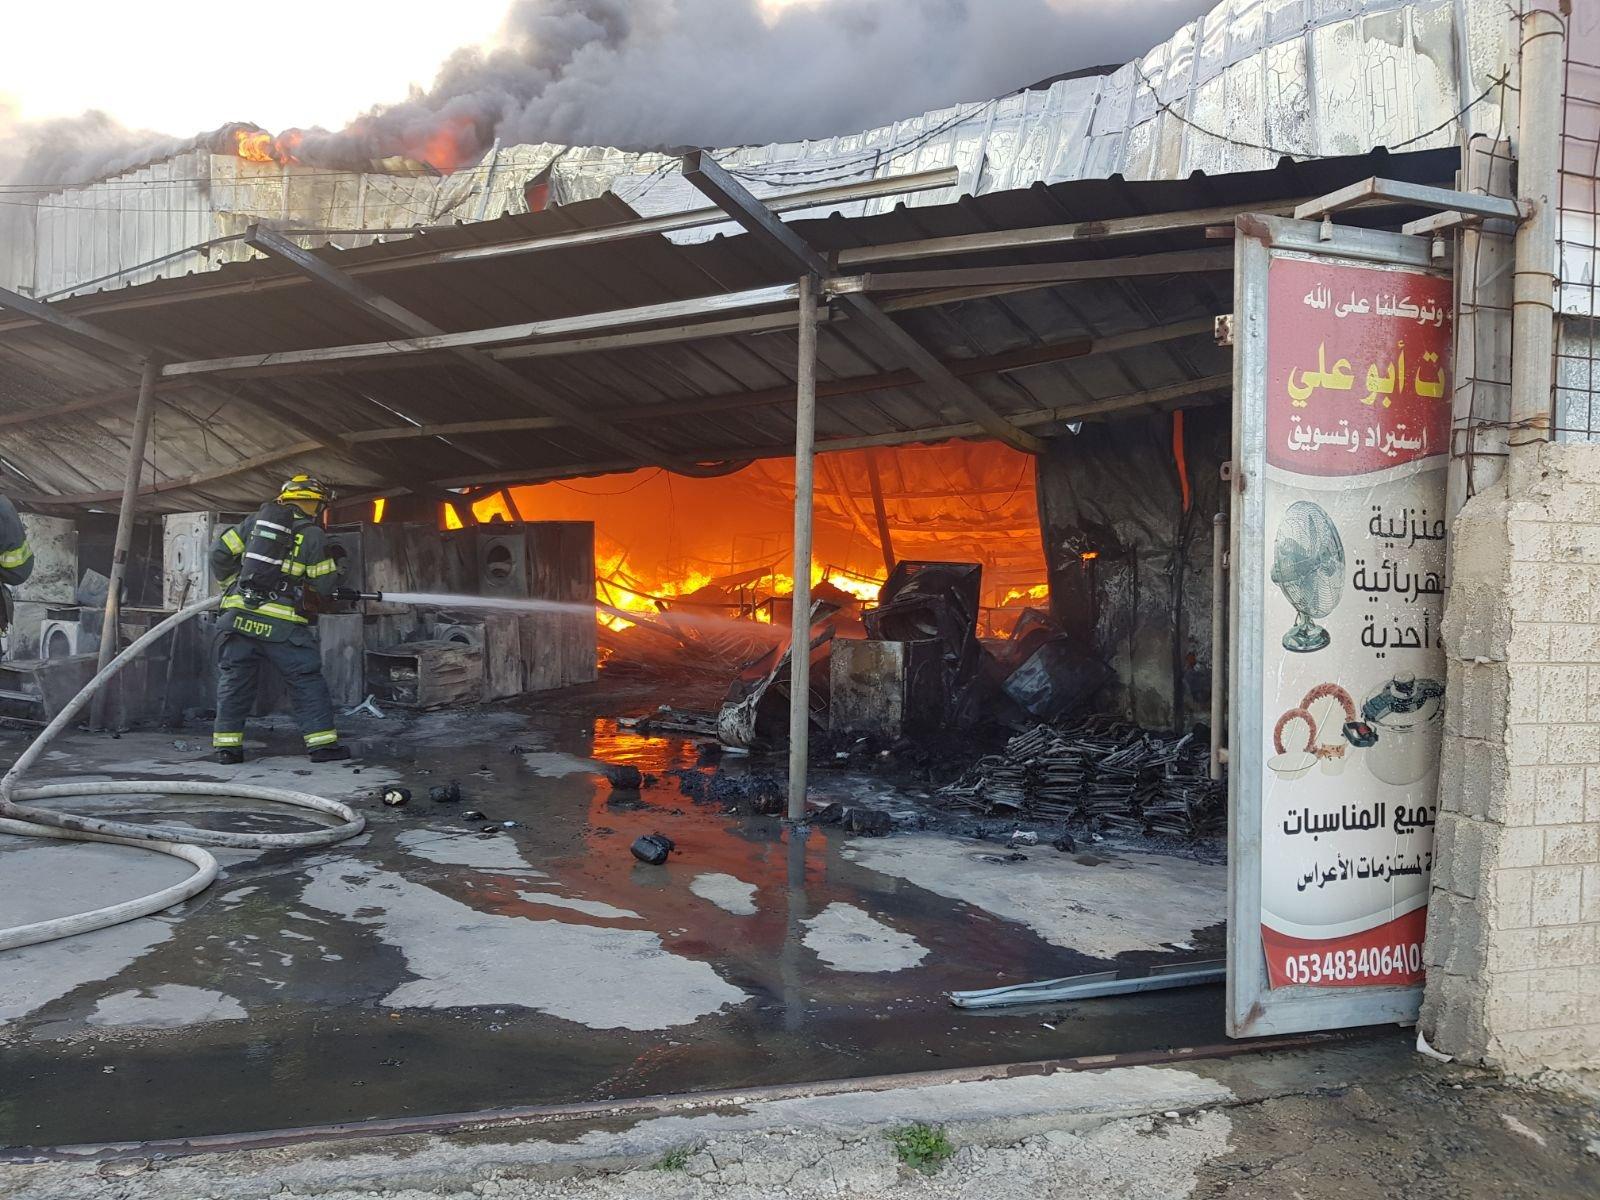 بالصور: هذا ما تسببه الحريق في مخزن بمحطة وقود اليوم في كابول